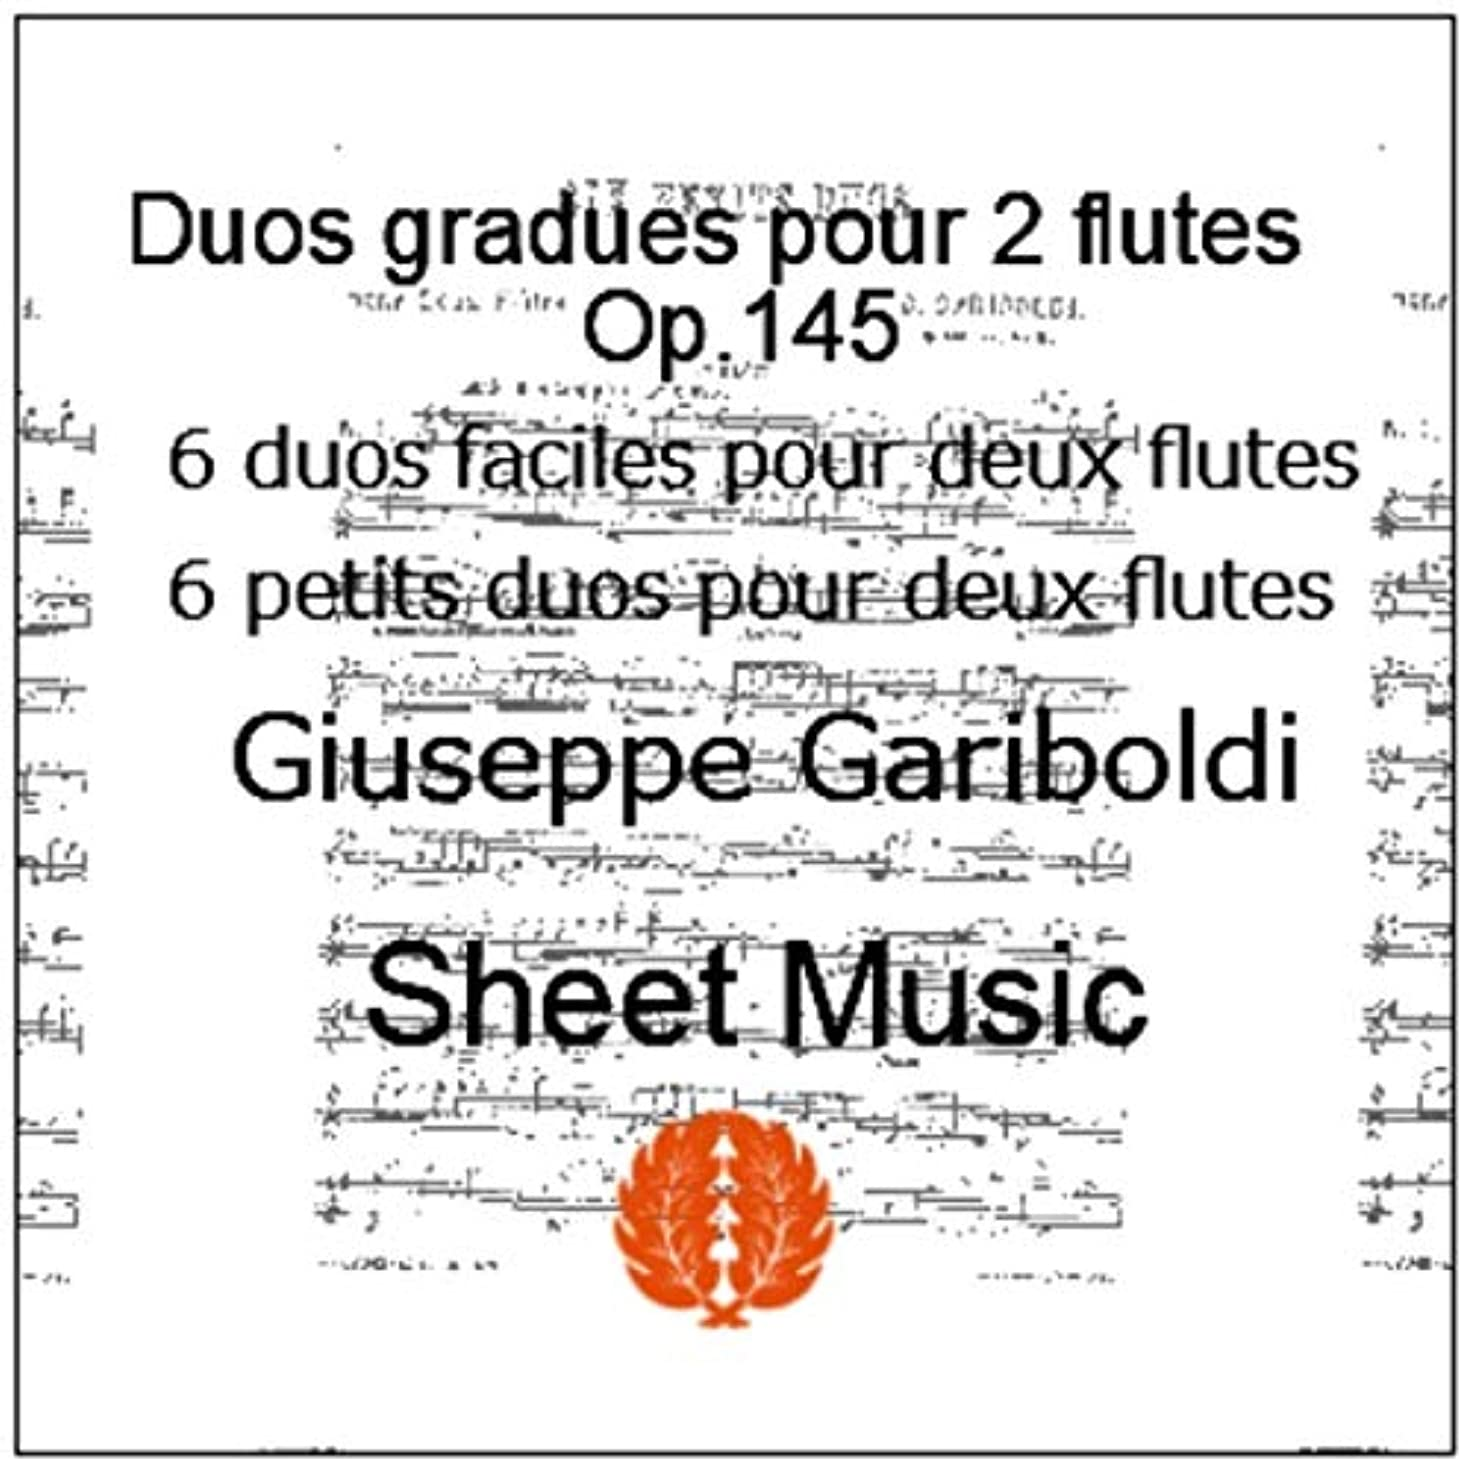 楽譜 pdf ガリボルディ フルートのためのデュエット Op 145 から2つのデュエット